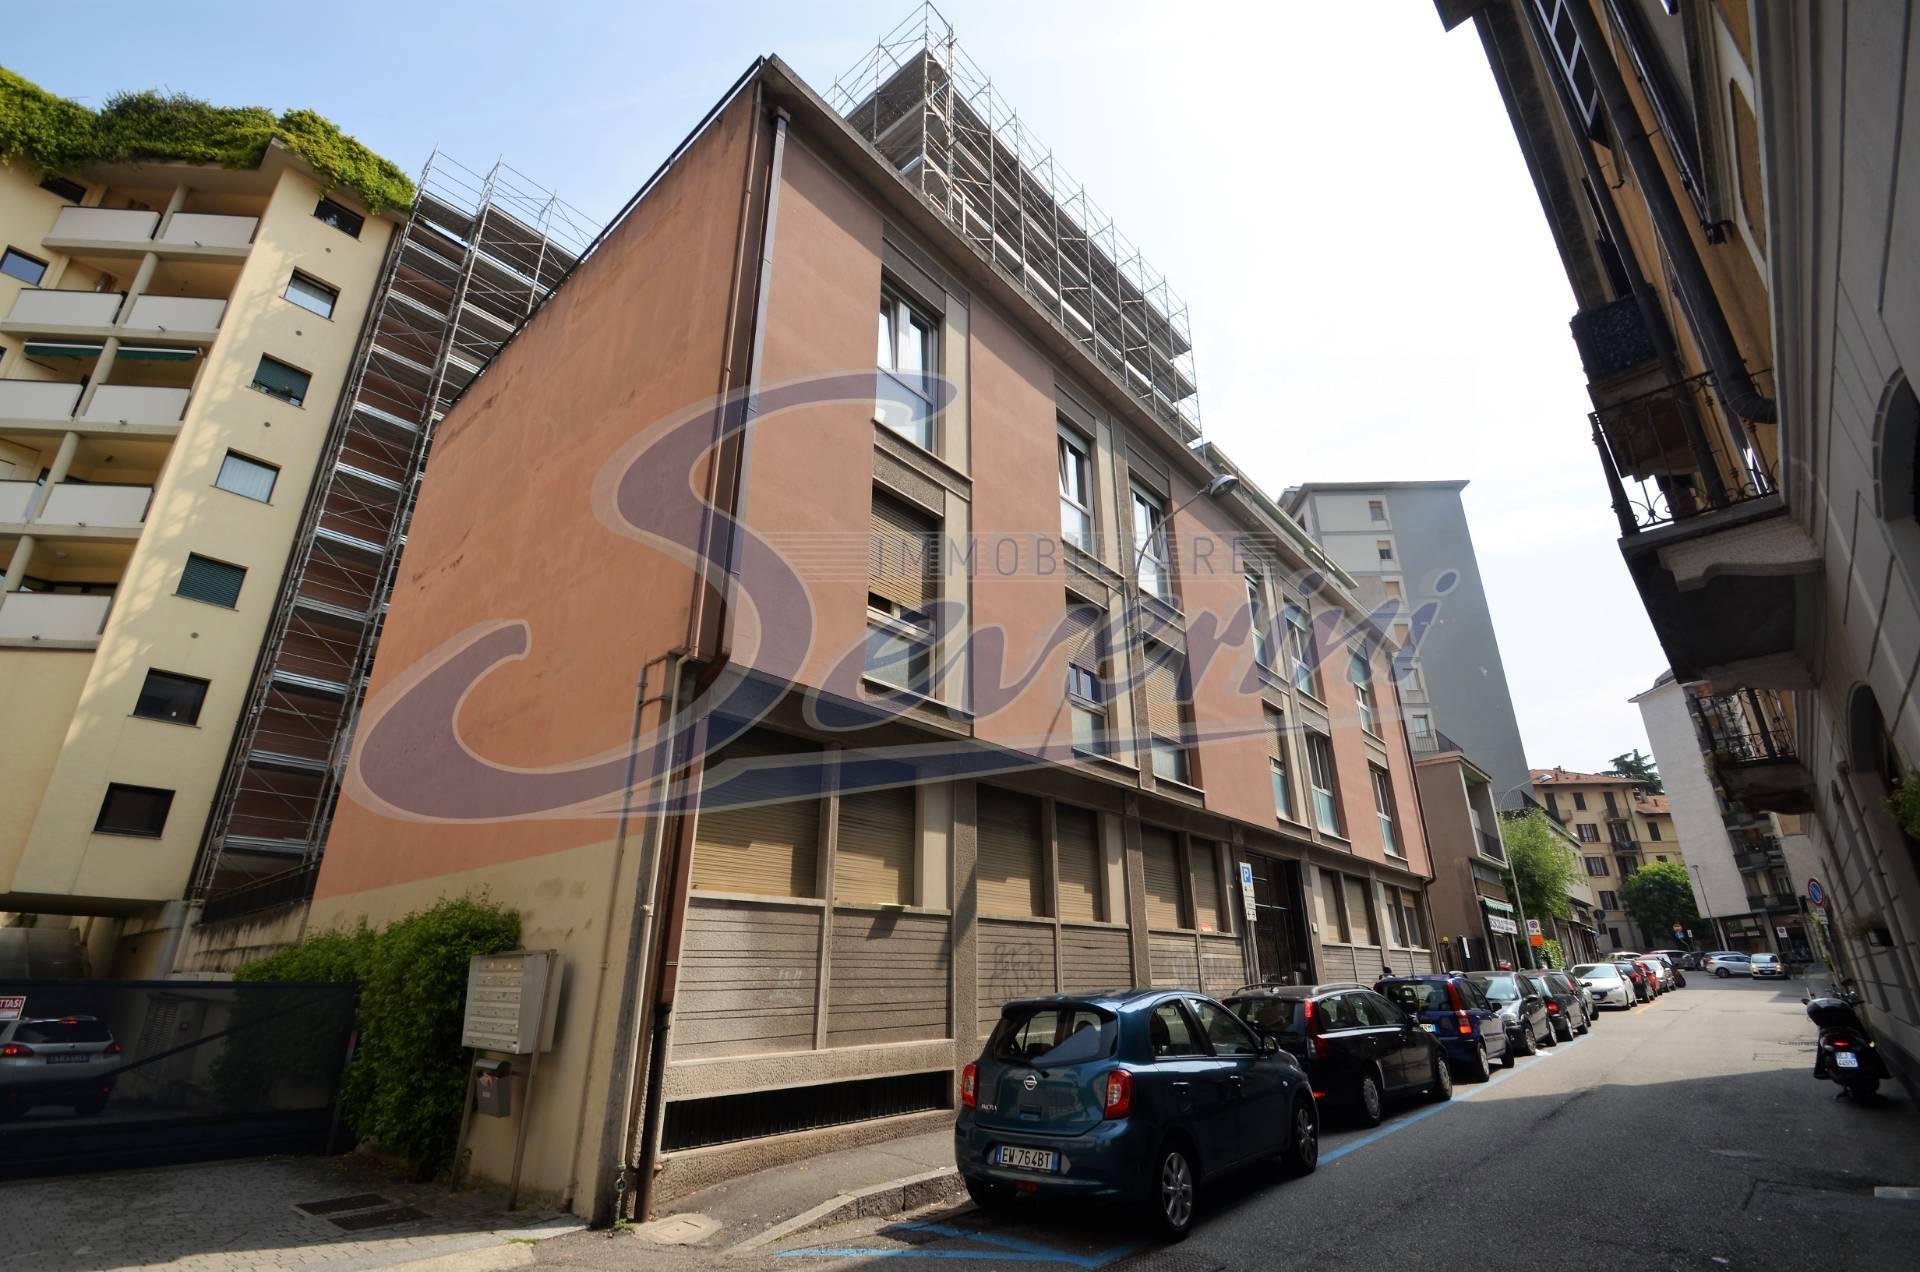 Laboratorio in affitto a Como, 9999 locali, zona Zona: 5 . Borghi, prezzo € 2.000 | CambioCasa.it